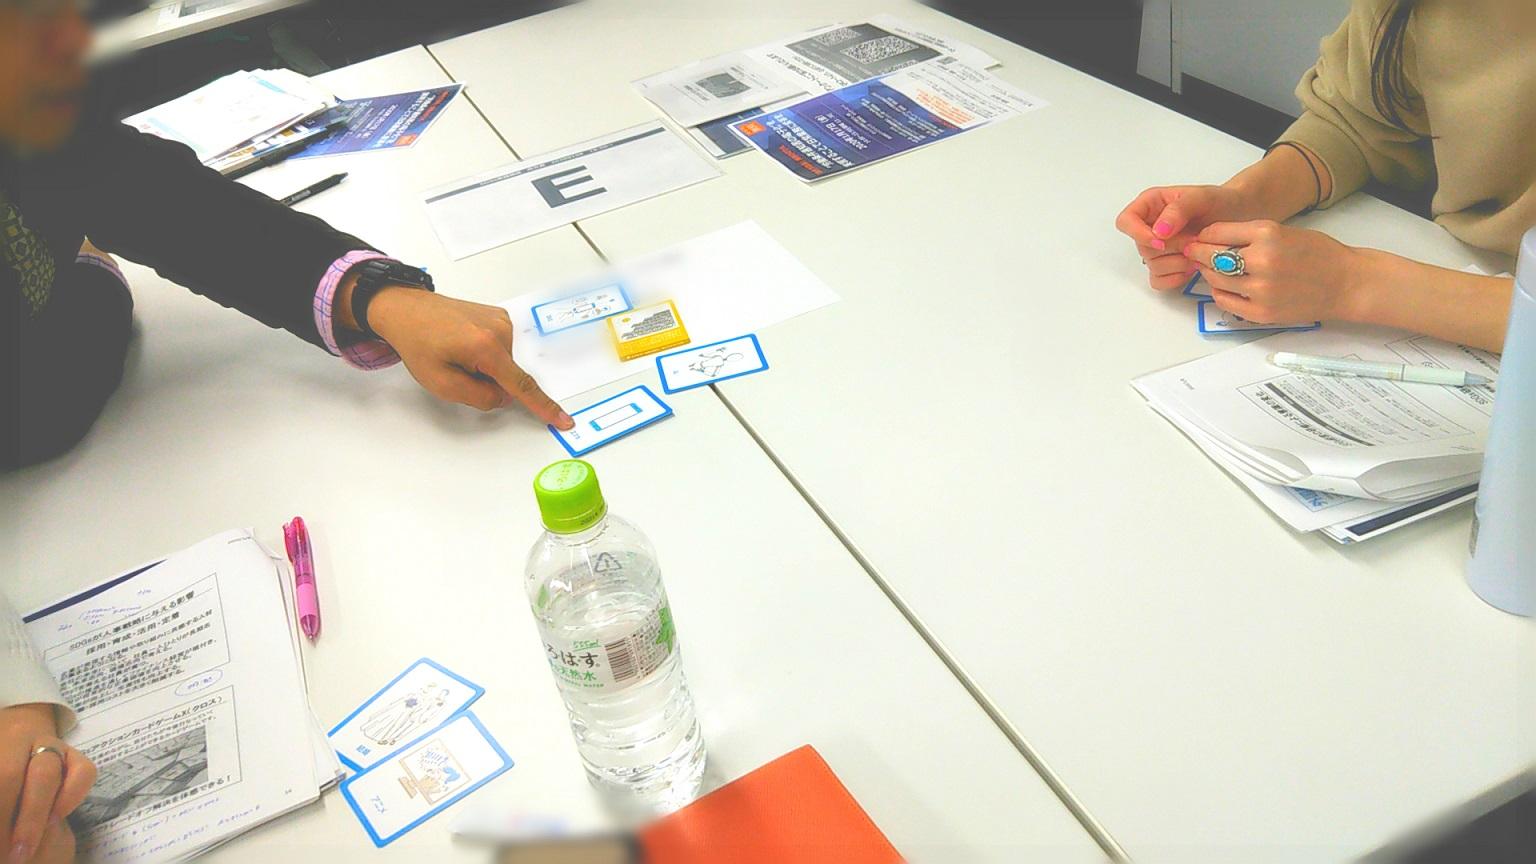 カードゲーム研修 - カードゲームでSDGsを題材にしたイノベーションを体験!「SDGs勉強会」開催レポート